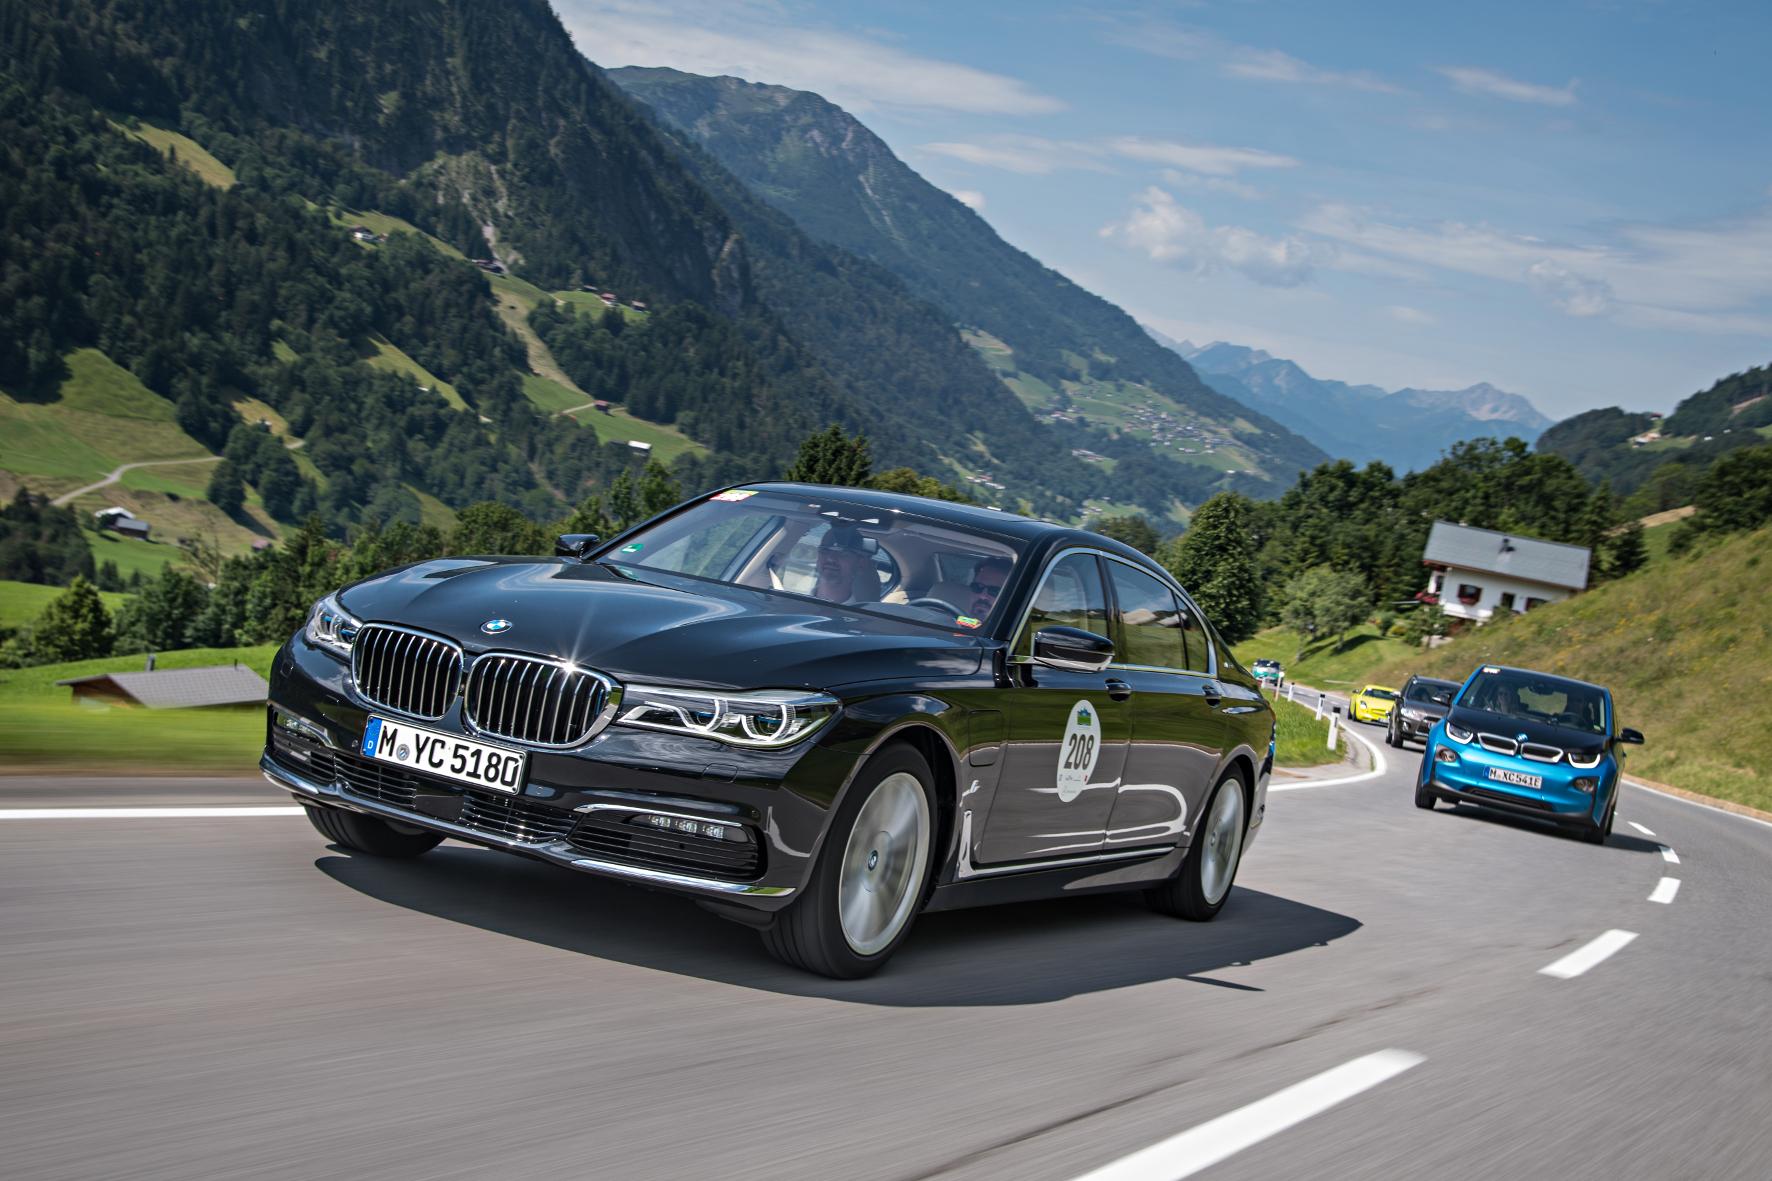 mid Schruns - Führungsfahrzeug mit Führungsanspruch: Der 7er ist das Flaggschiff von BMW, und der BMW 740Le xDrive iPerformance soll Kunden des Luxus-Segments von der Hybrid-Technologie überzeugen.